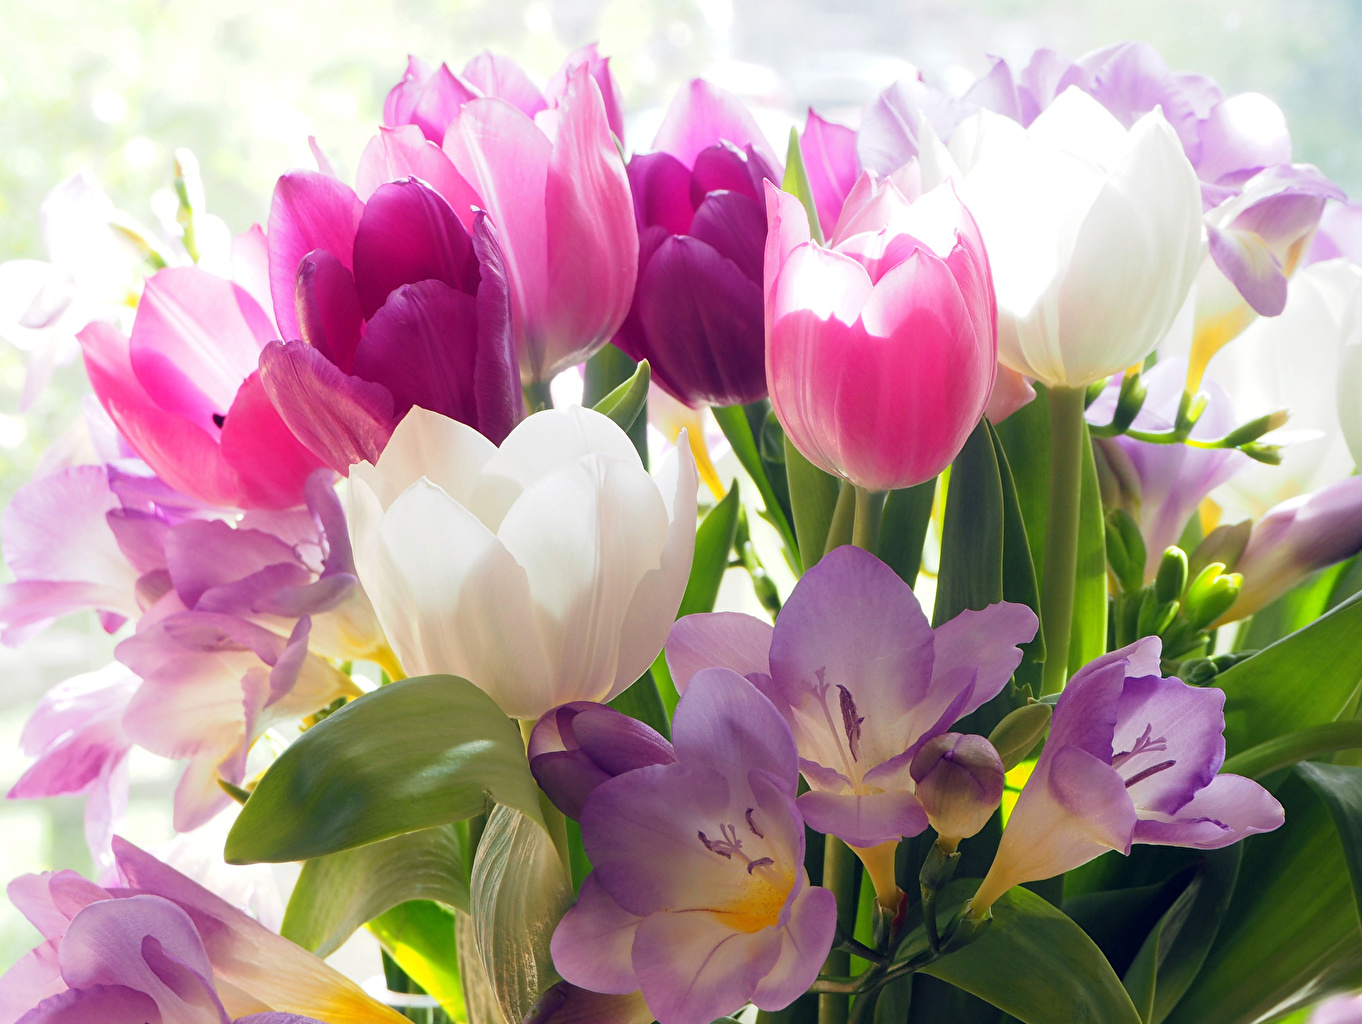 Fotos von Tulpen Blumen Krokusse hautnah Blüte Nahaufnahme Großansicht